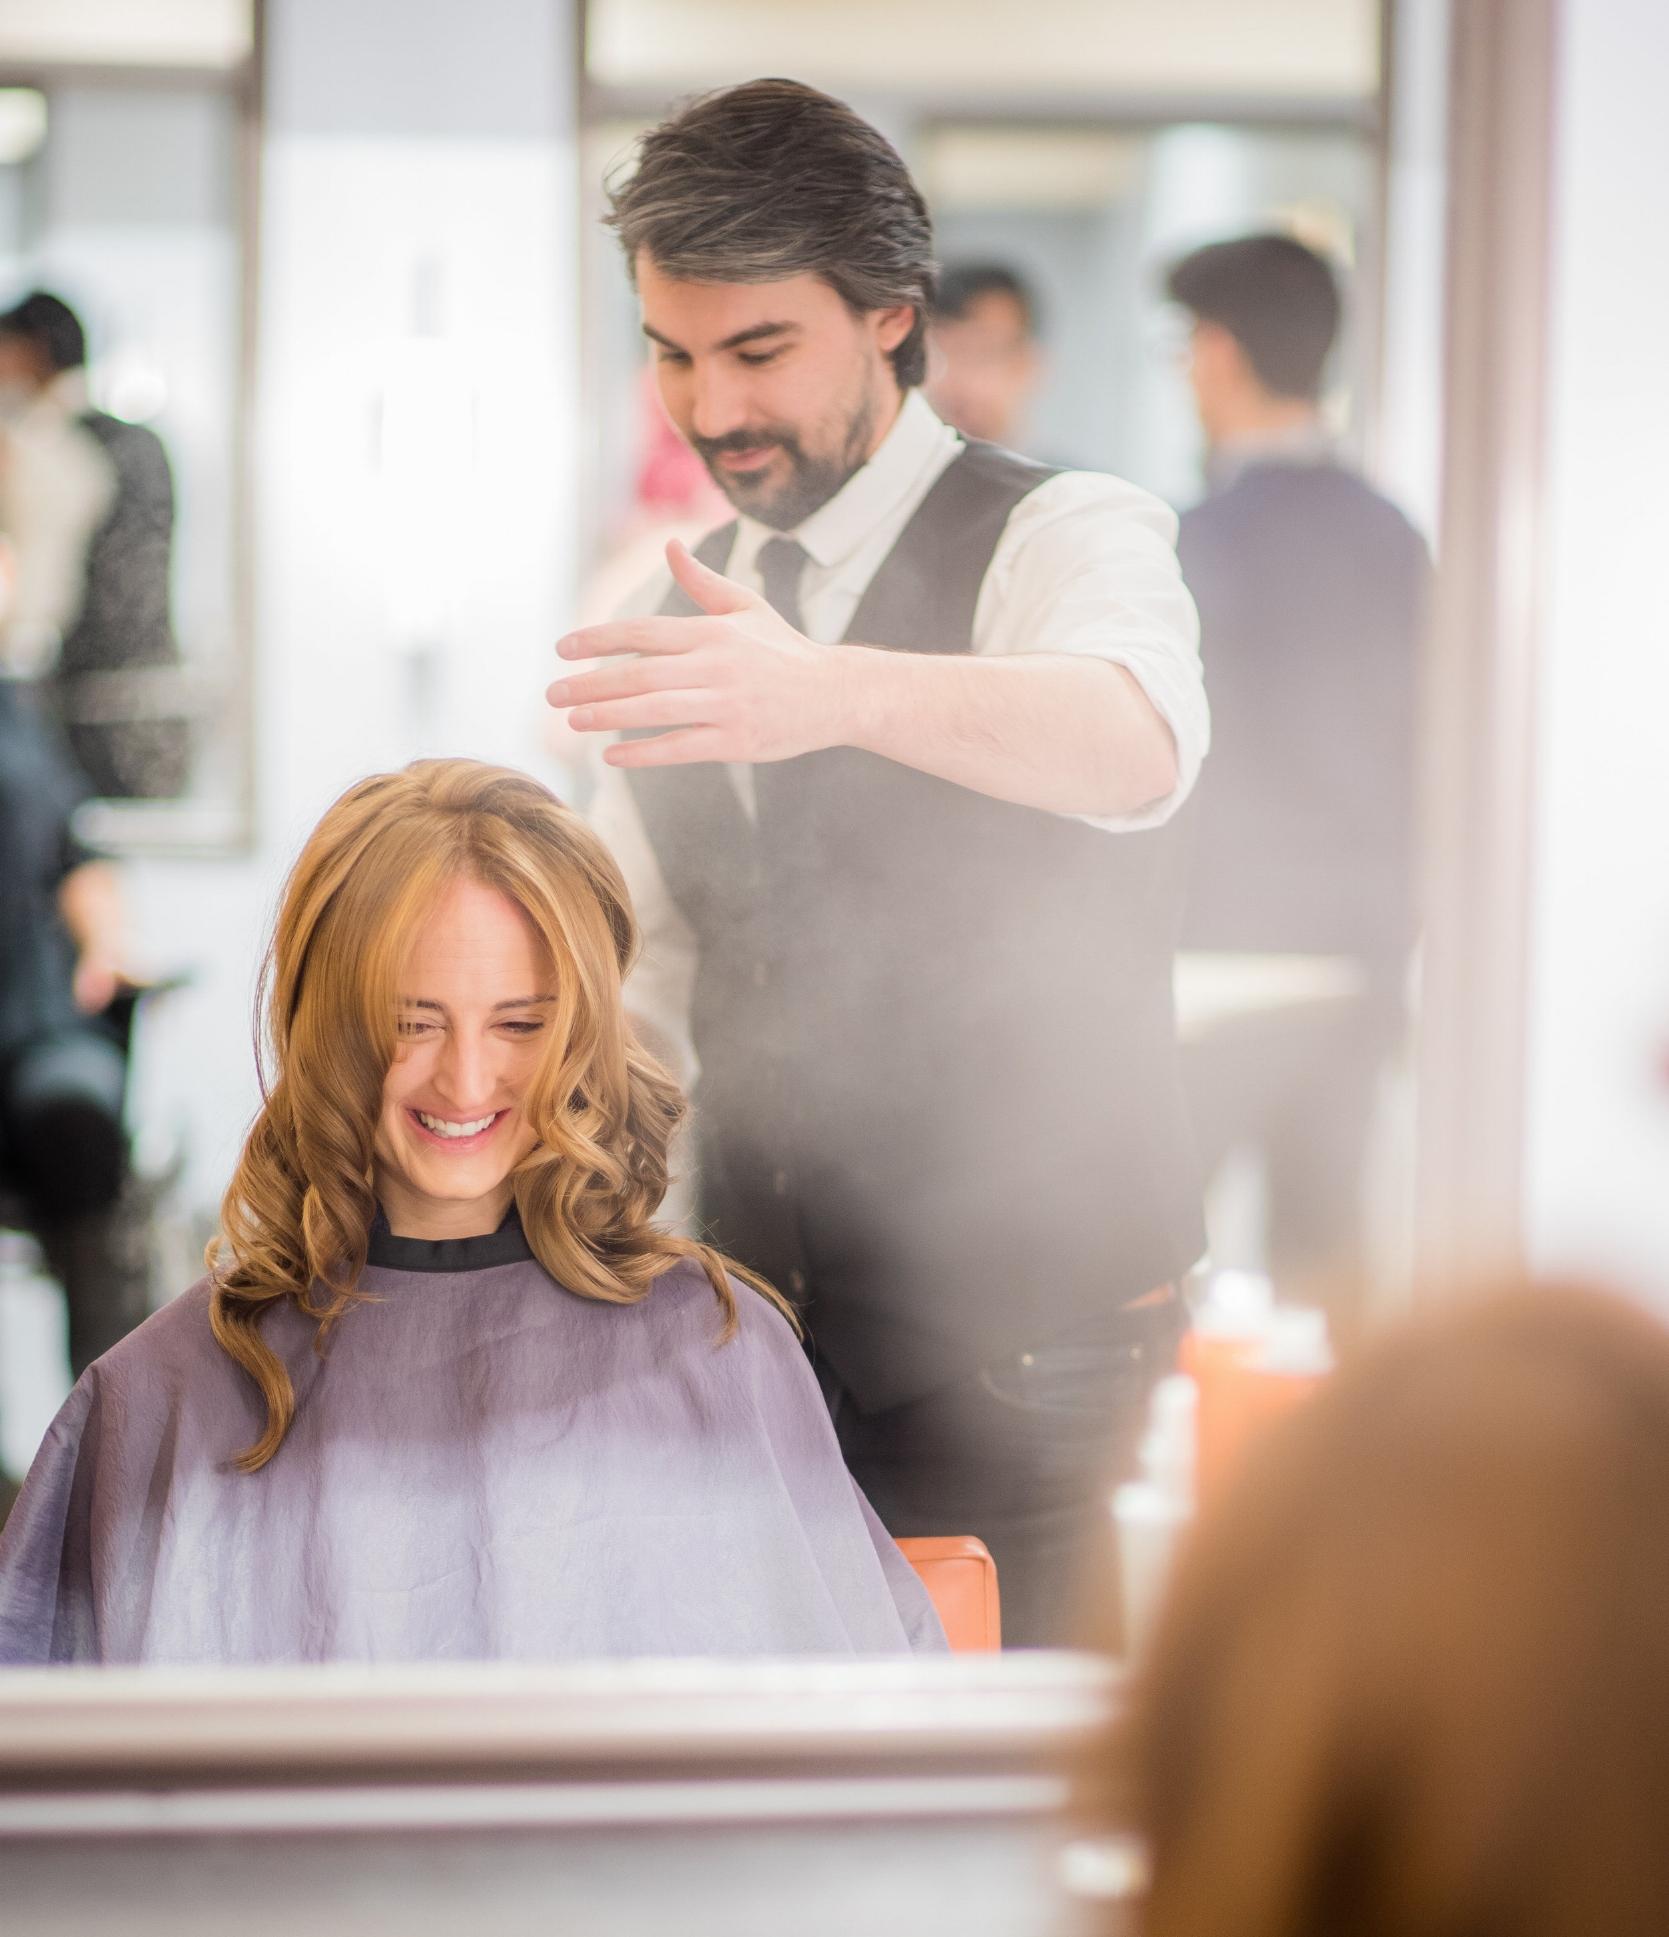 20160217+SalonGerard+Hair+Candid-20160217+SalonGerard+Hair+Candid-0040.jpg